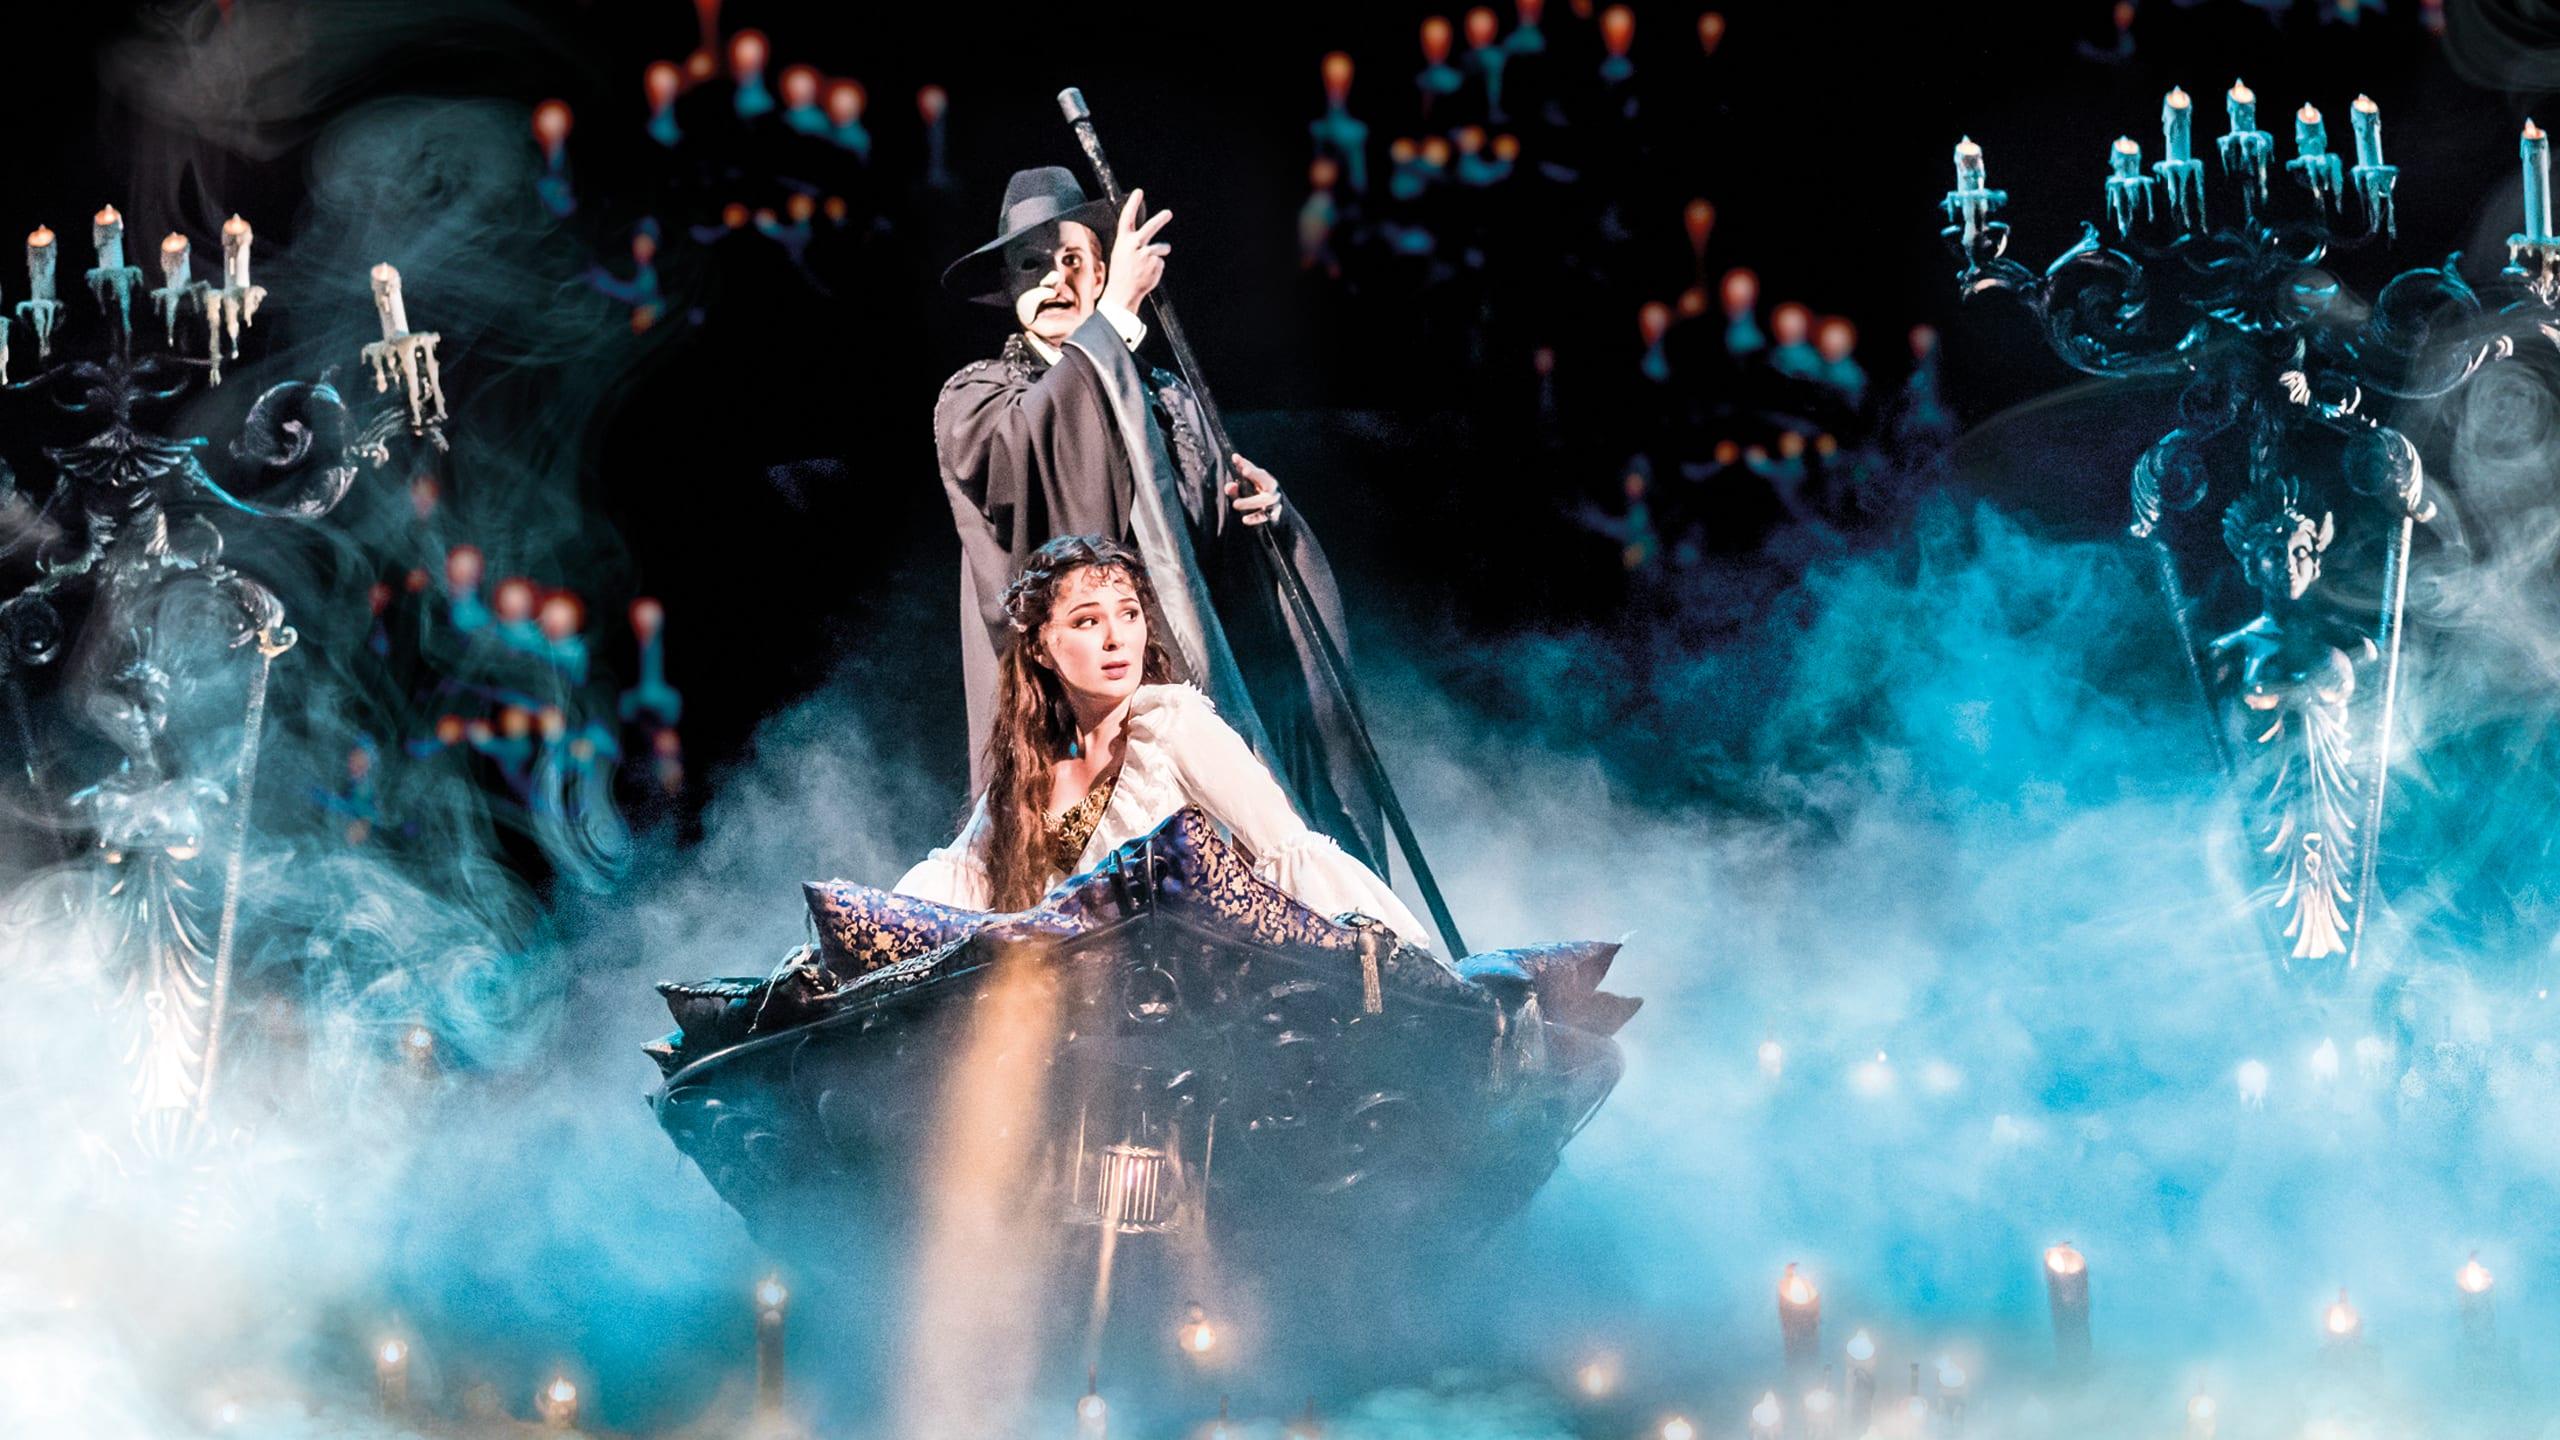 The Phantom Of The Opera Phantom Of The Opera Marina Bay Sands